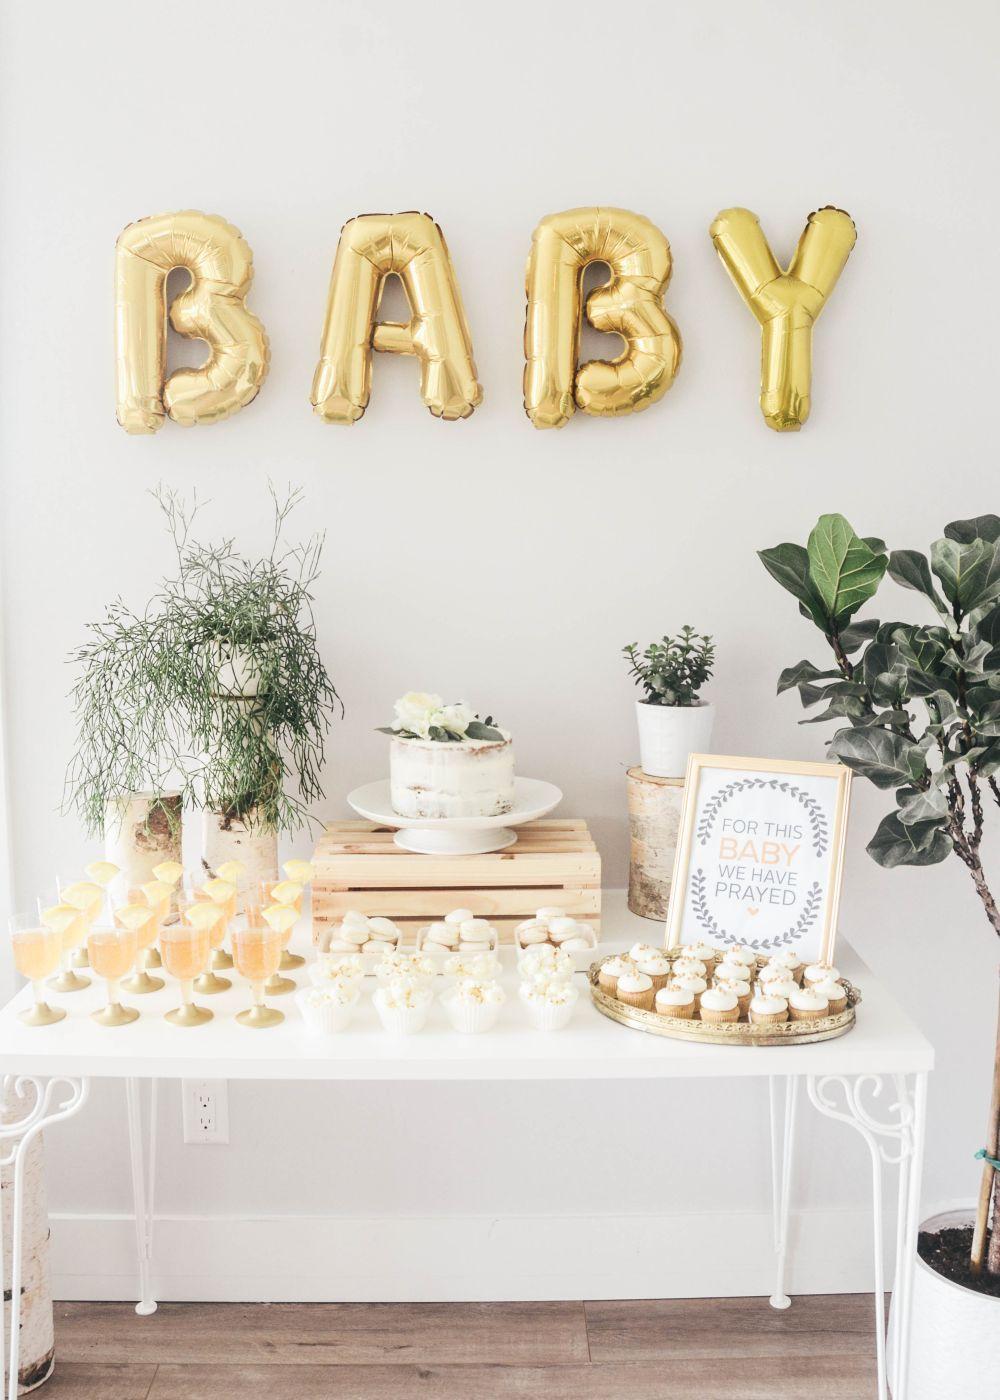 15 besten Baby-Dusche-Dekor-Ideen für eine unvergessliche Feier #babykidclothesandideas